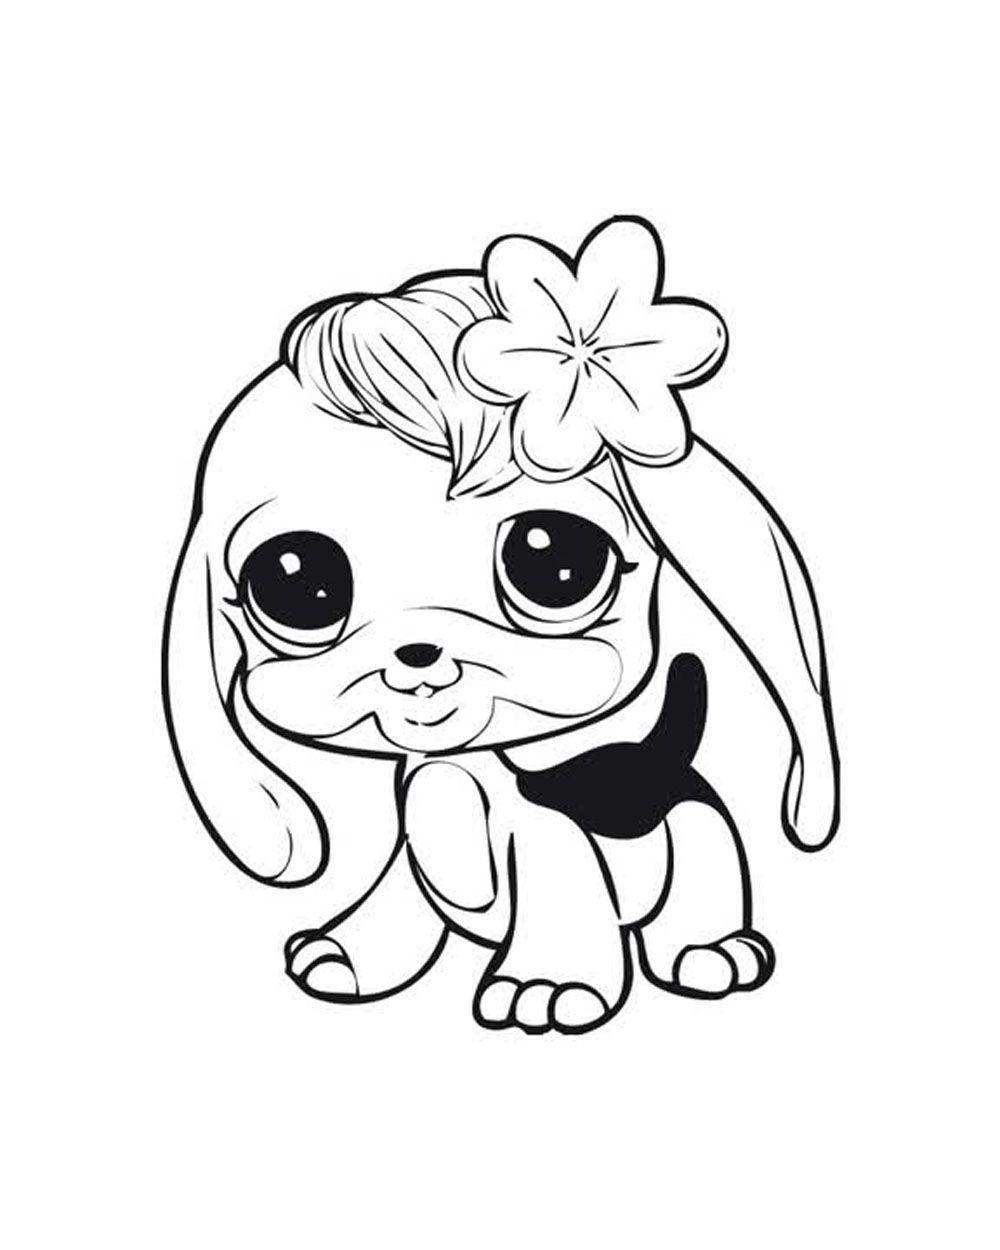 littlest pet shop coloring pages panda movie | Littlest Pet Shop Horse Coloring Pages - Coloring Home